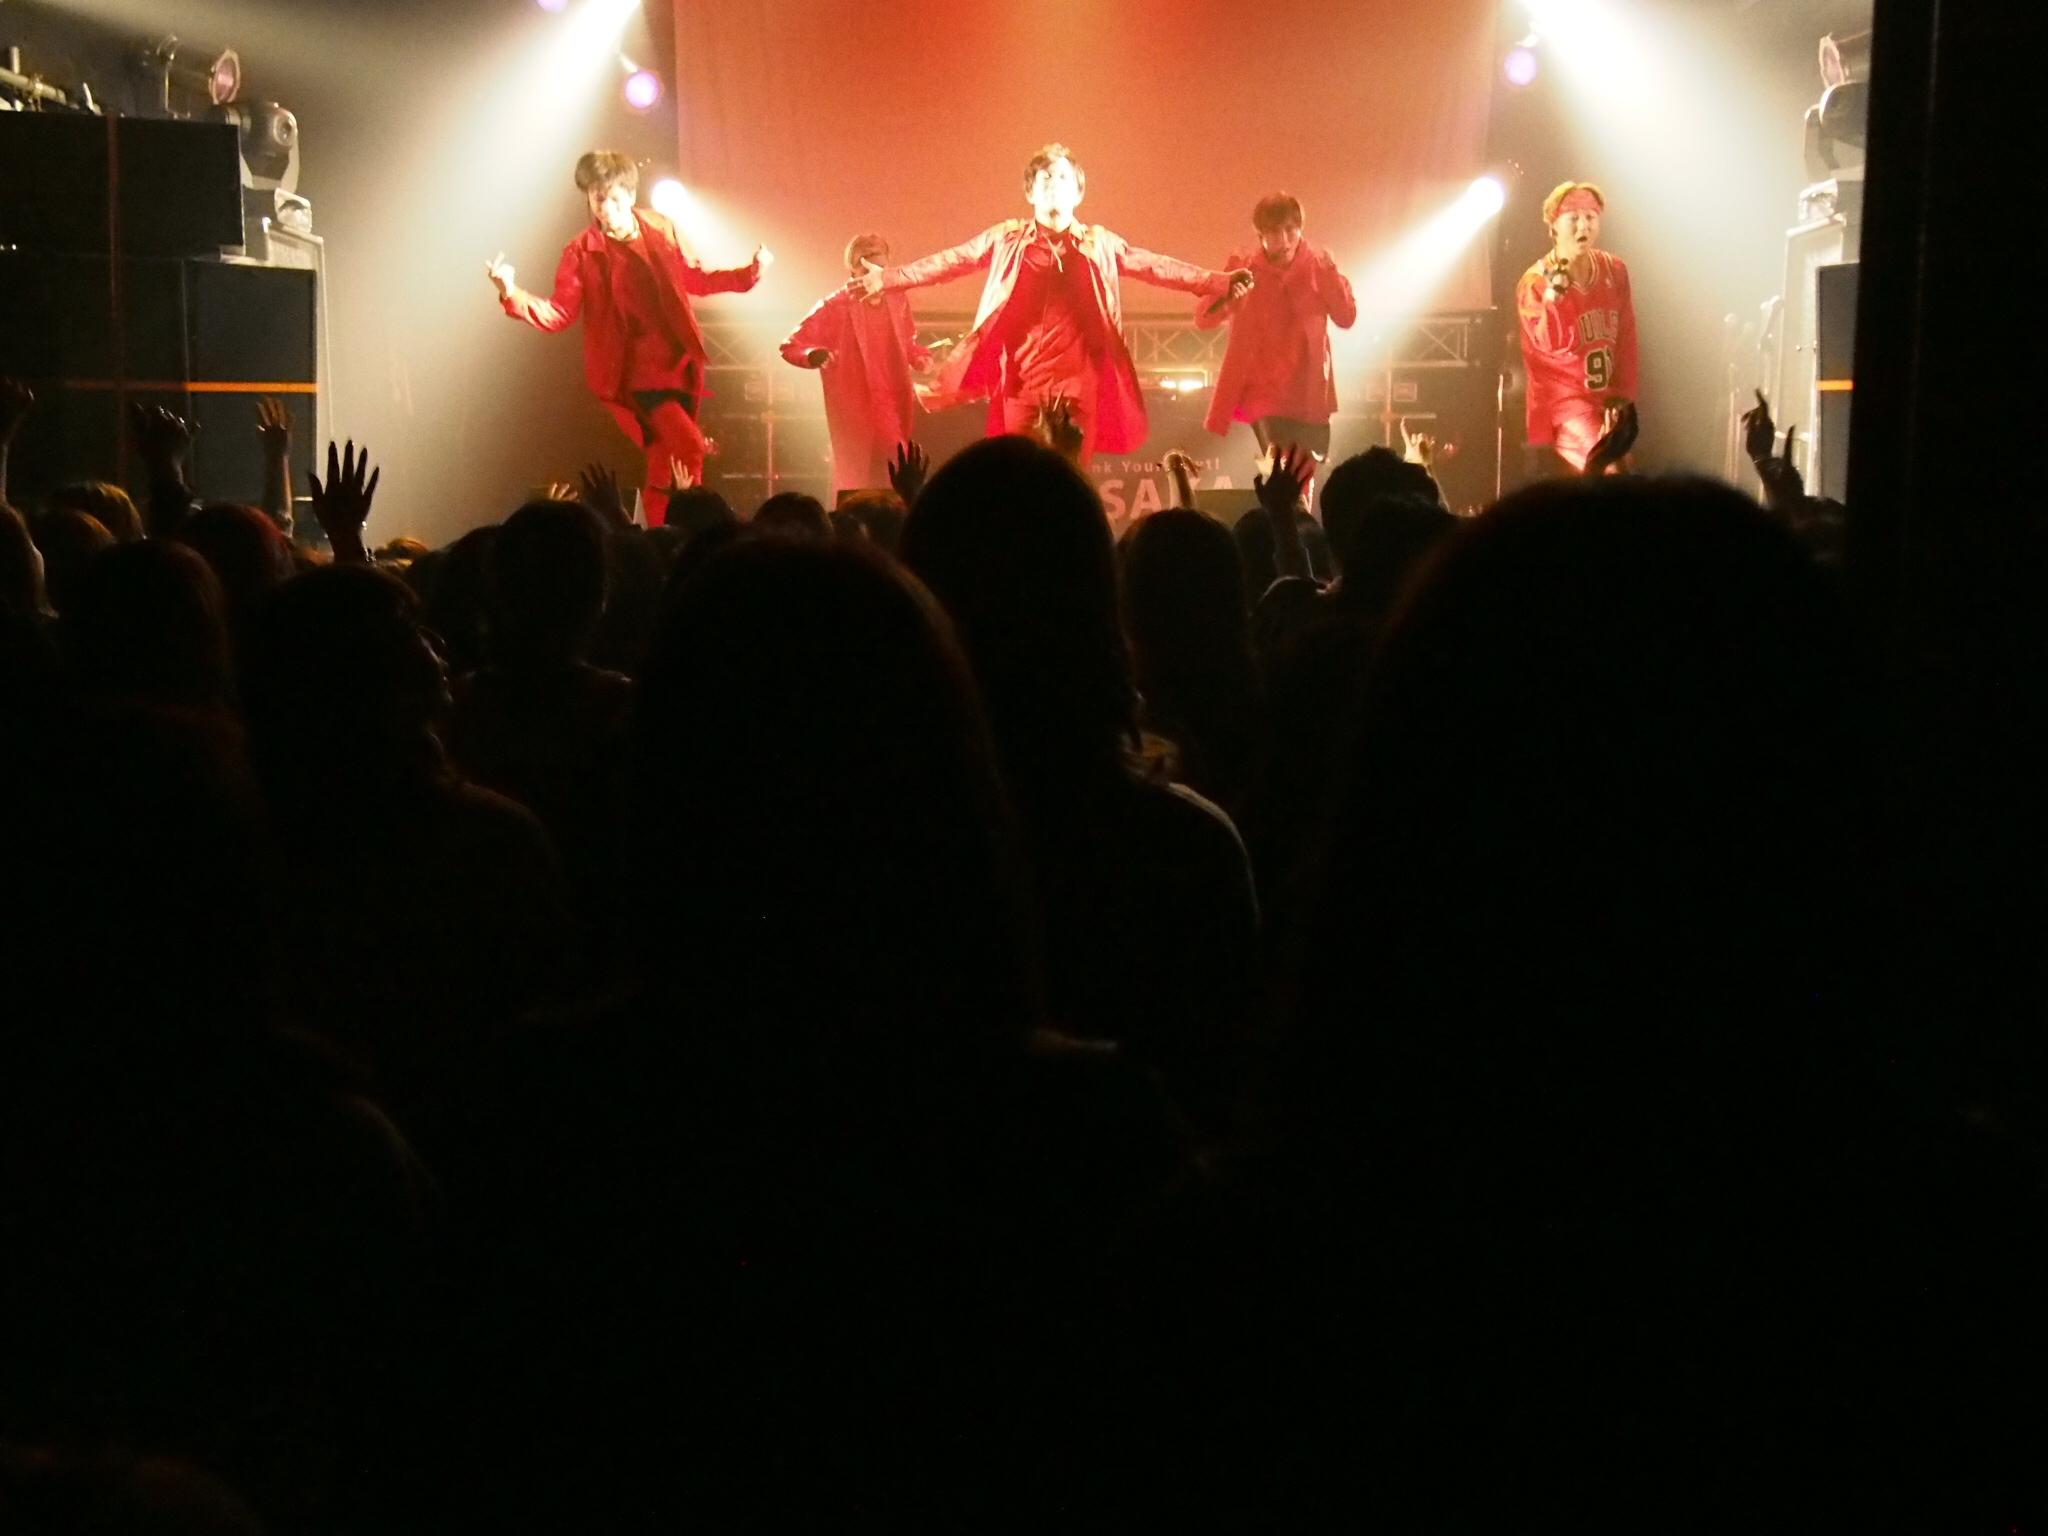 『OSAKA NOW』 5IGNAL